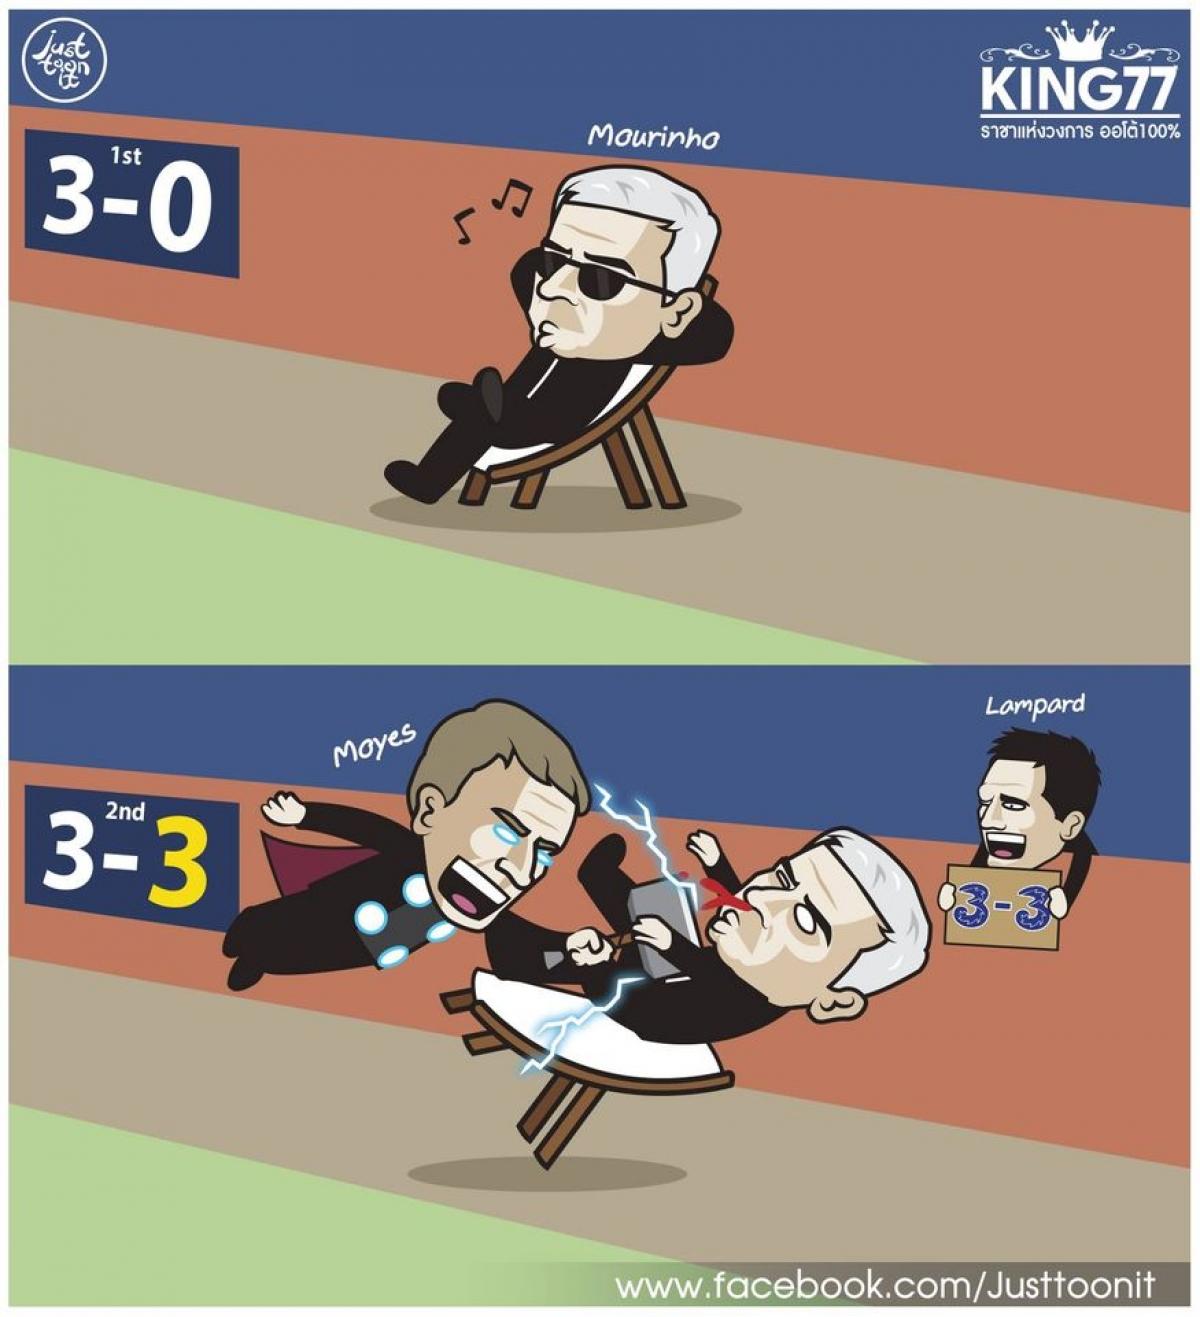 HLV Mourinho ung dung trong hiệp 1, nhưng cay đắng trong hiệp 2.